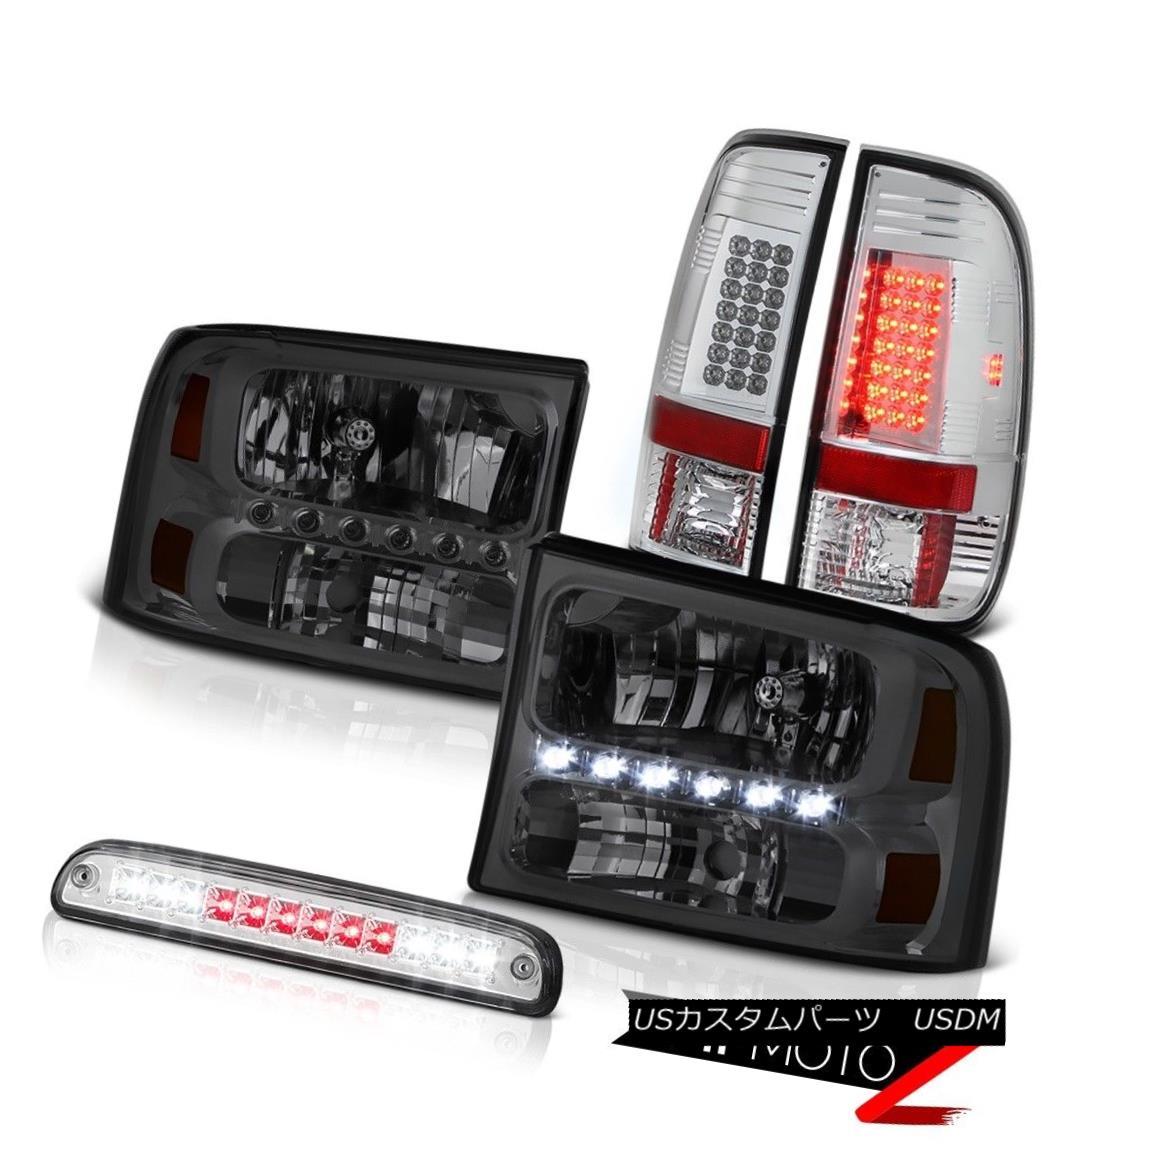 テールライト Smoke Headlights Roof Stop LED Clear Taillamp Chrome 99 00 01 02 03 04 F350 XL スモークヘッドライトルーフストップLEDクリアテアランプクローム99 00 01 02 03 04 F350 XL